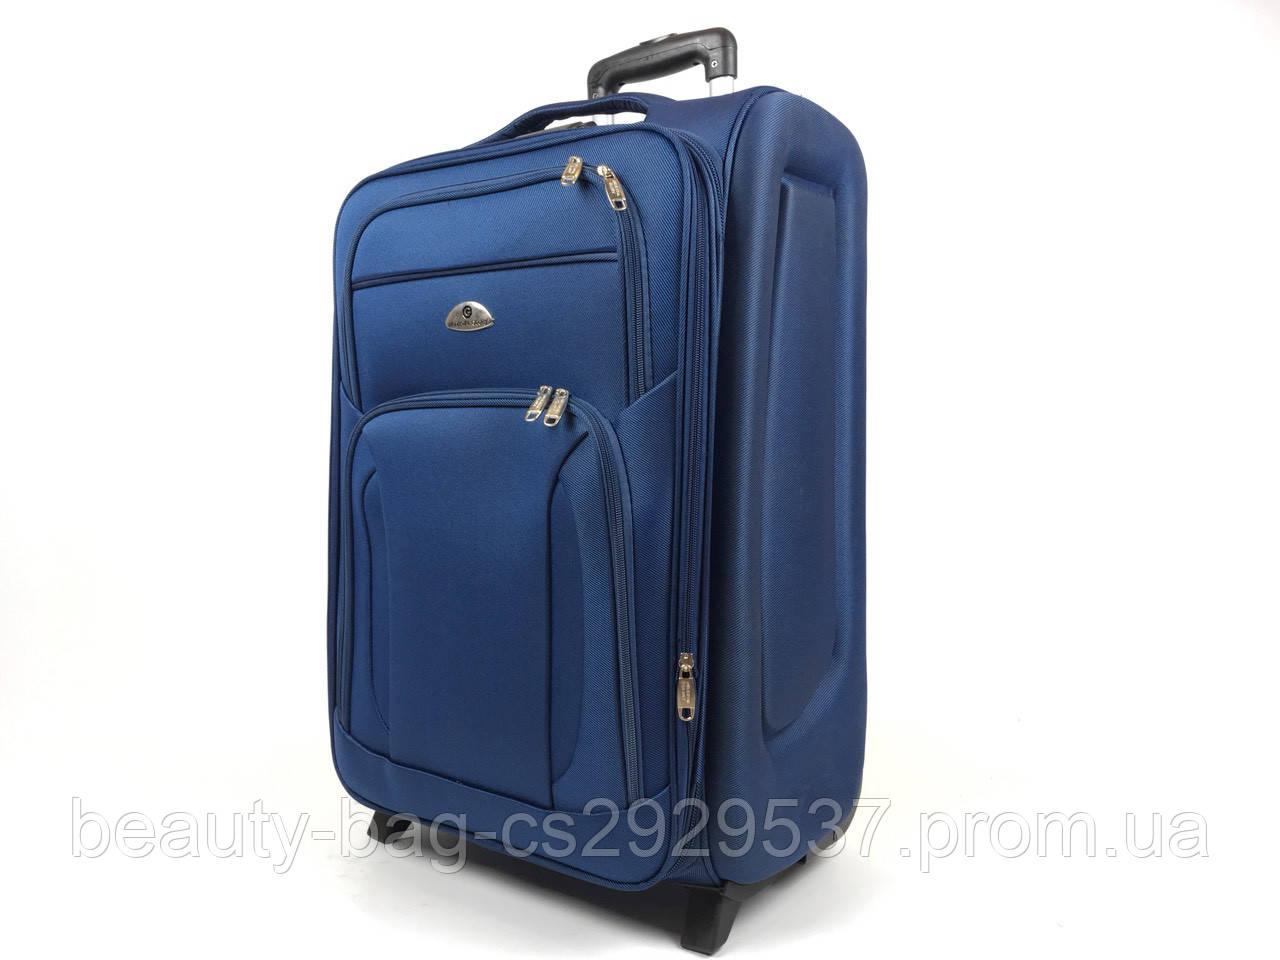 Чемодан тканевый маленького размера 2 колеса Mini синий полоска